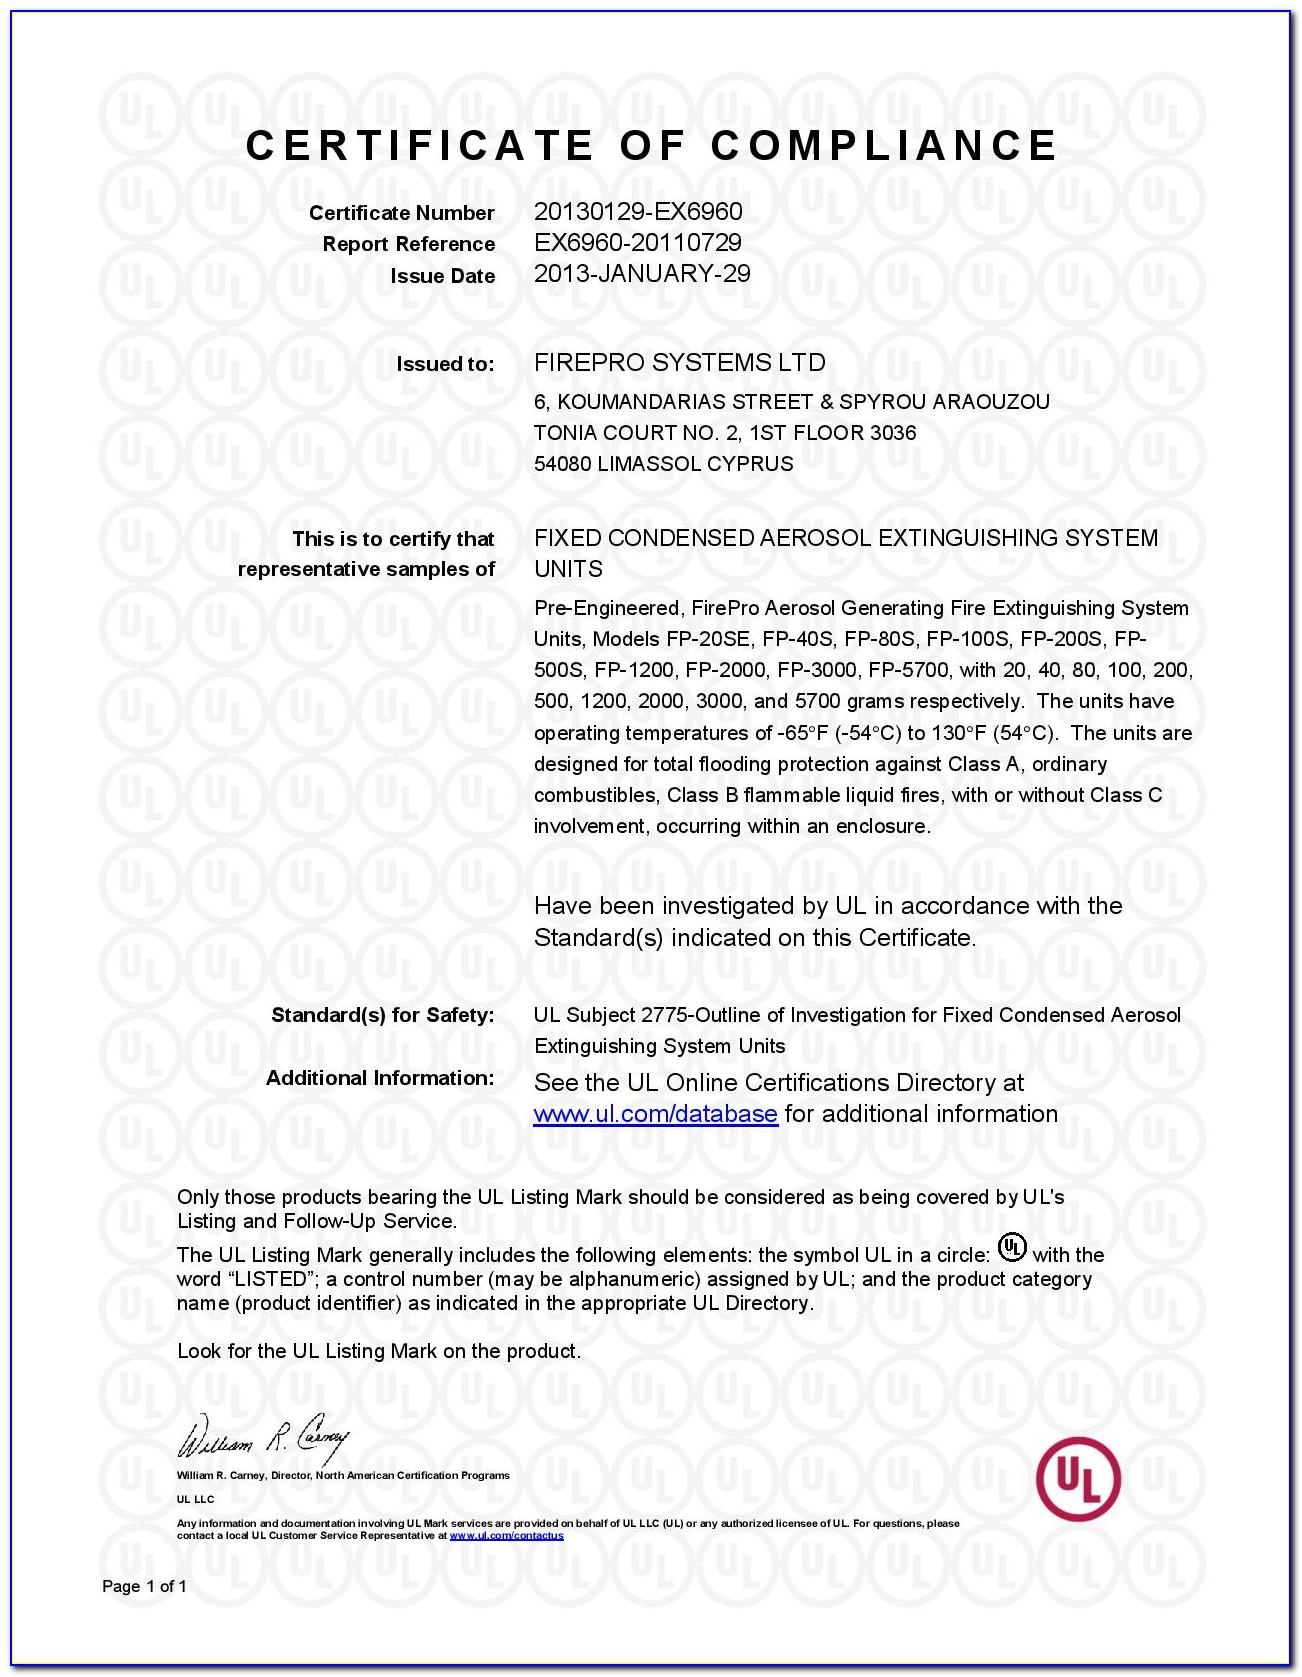 Ul Online Certifications Directory Website